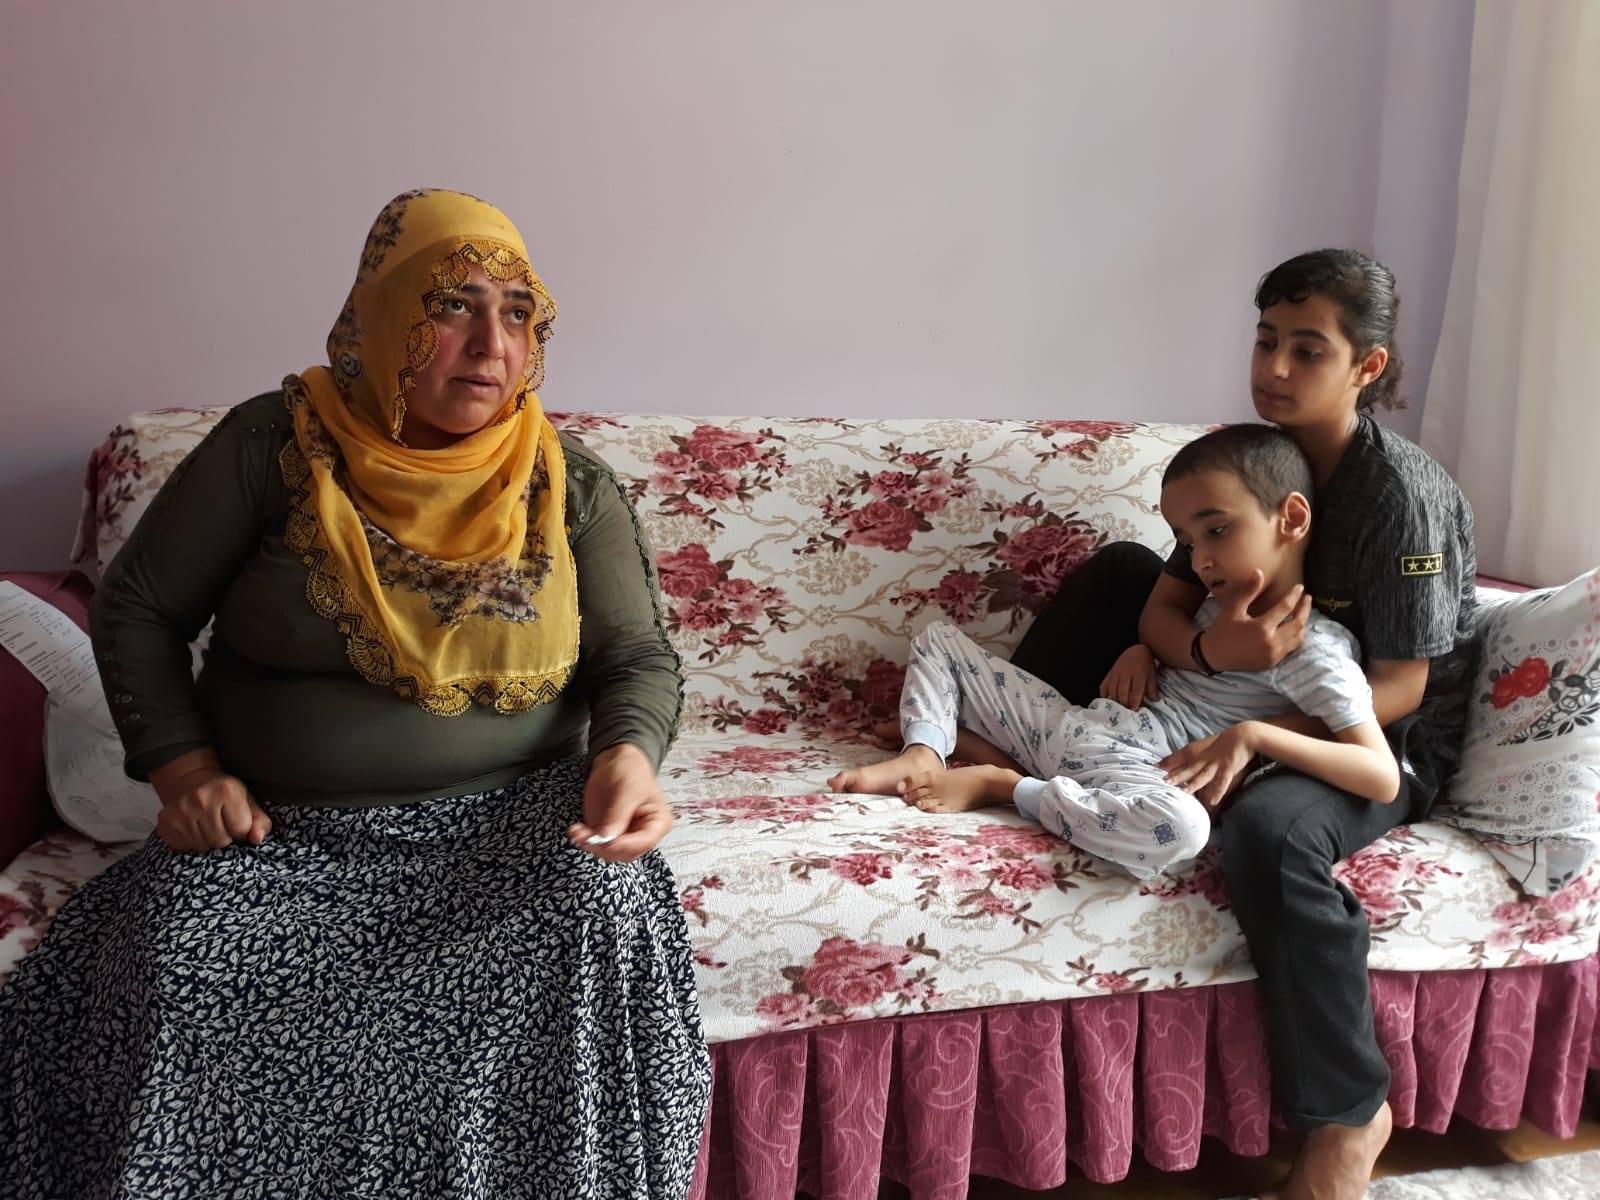 İstanbul Vali Yardımcımız Sayın Bahattin Atçı tarafindan yönlendirilen; 6 çocuk ile birlikte yaşayan aileninicra borçları tamamen ödenerek icra dosyası kapatıldı.